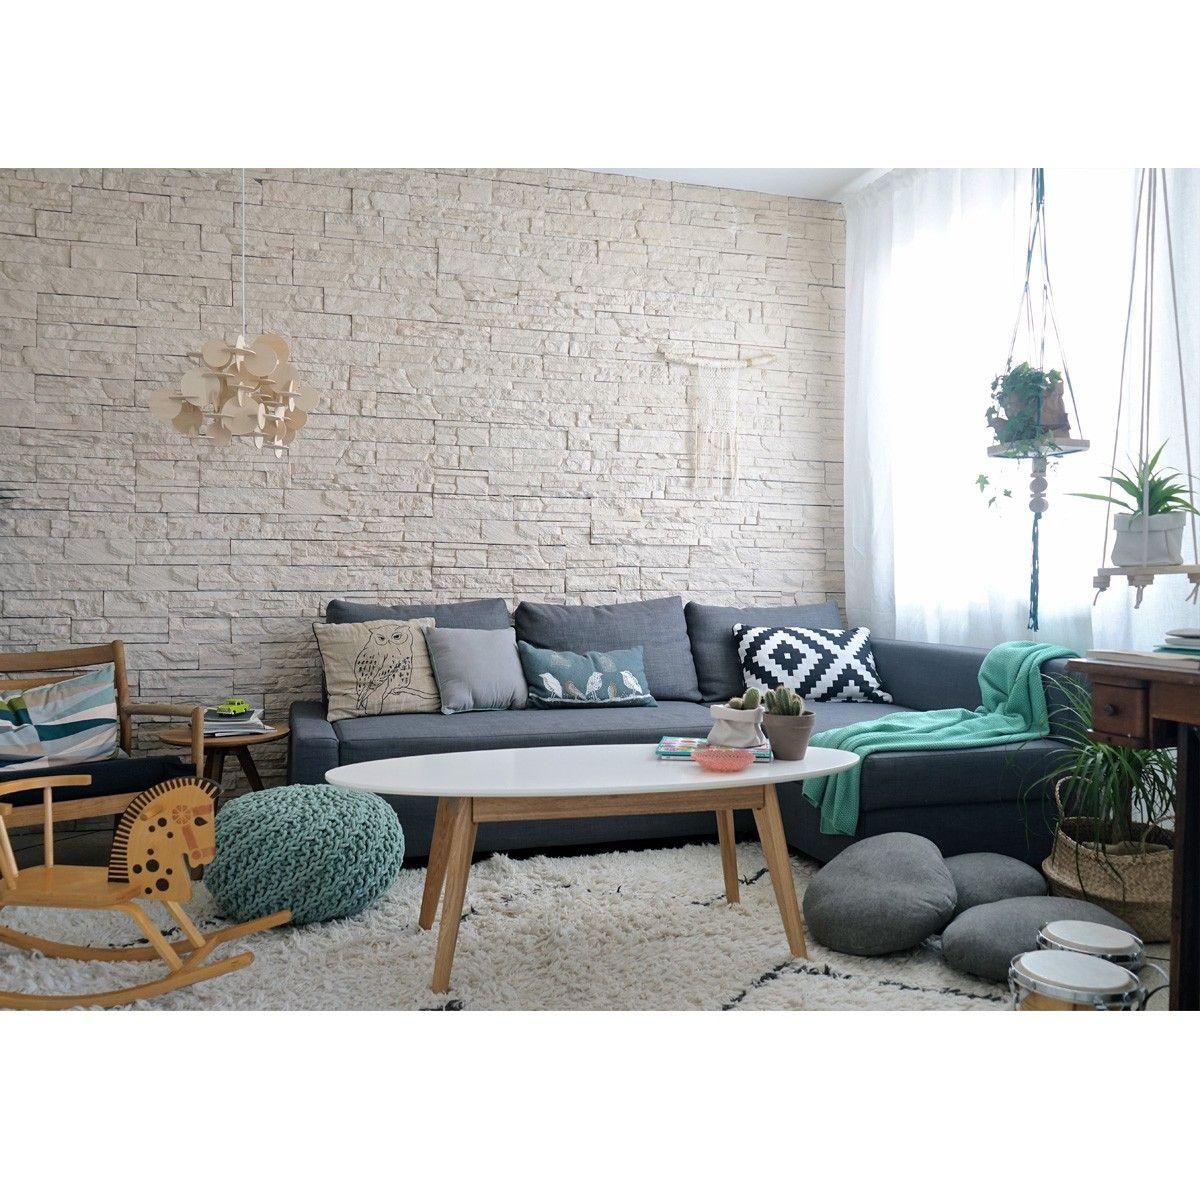 table basse ovale design scandinave skoll deco. Black Bedroom Furniture Sets. Home Design Ideas